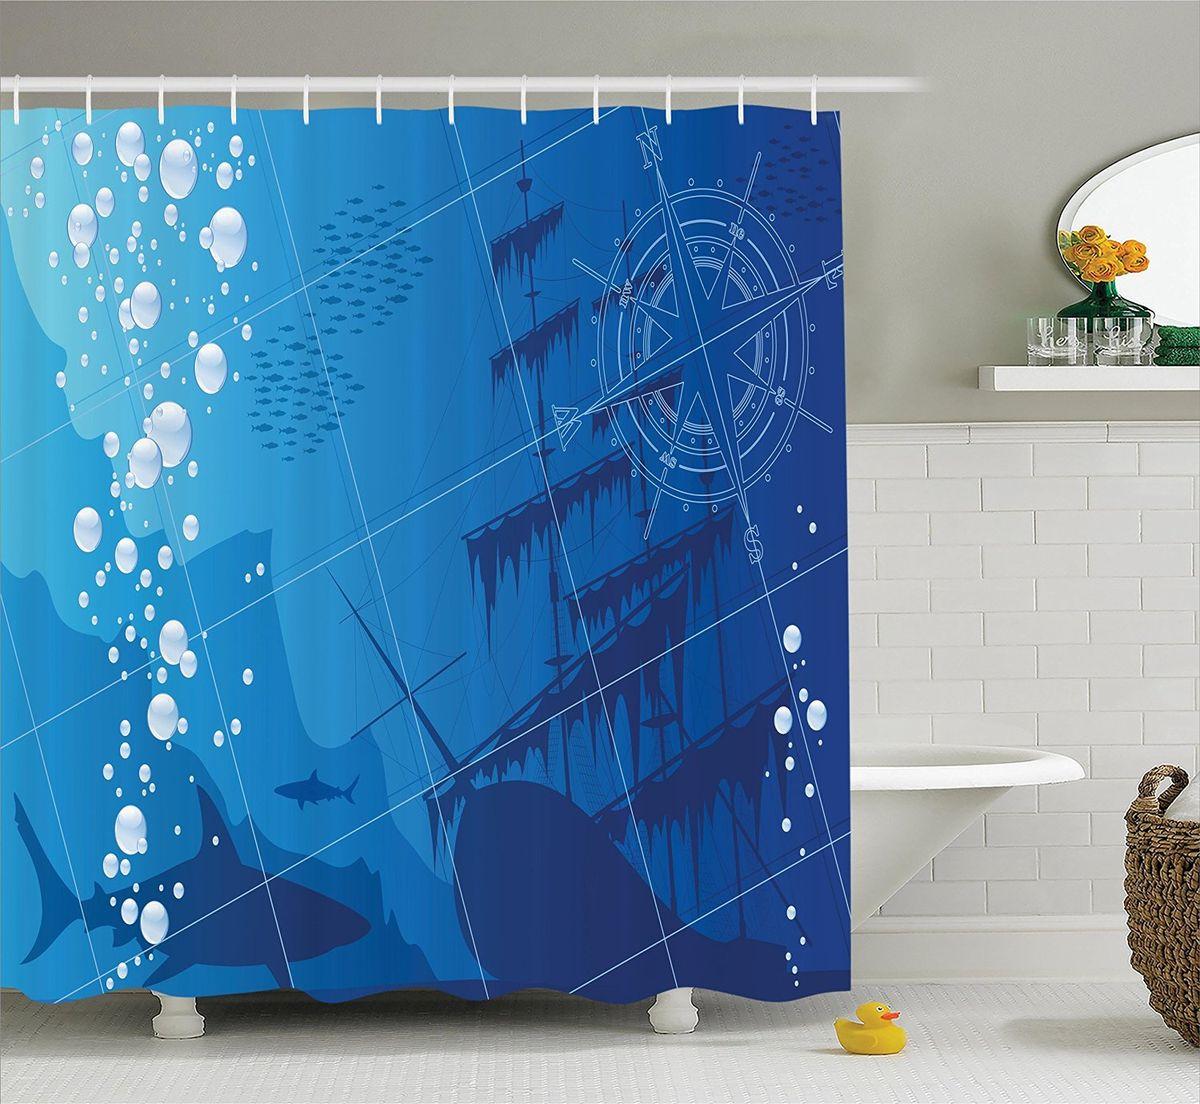 Штора для ванной комнаты Magic Lady Акулы у затонувшего корабля, 180 х 200 смшв_12548Штора Magic Lady Акулы у затонувшего корабля, изготовленная из высококачественного сатена (полиэстер 100%), отлично дополнит любой интерьер ванной комнаты. При изготовлении используются специальные гипоаллергенные чернила для прямой печати по ткани, безопасные для человека. В комплекте: 1 штора, 12 крючков. Обращаем ваше внимание, фактический цвет изделия может незначительно отличаться от представленного на фото.